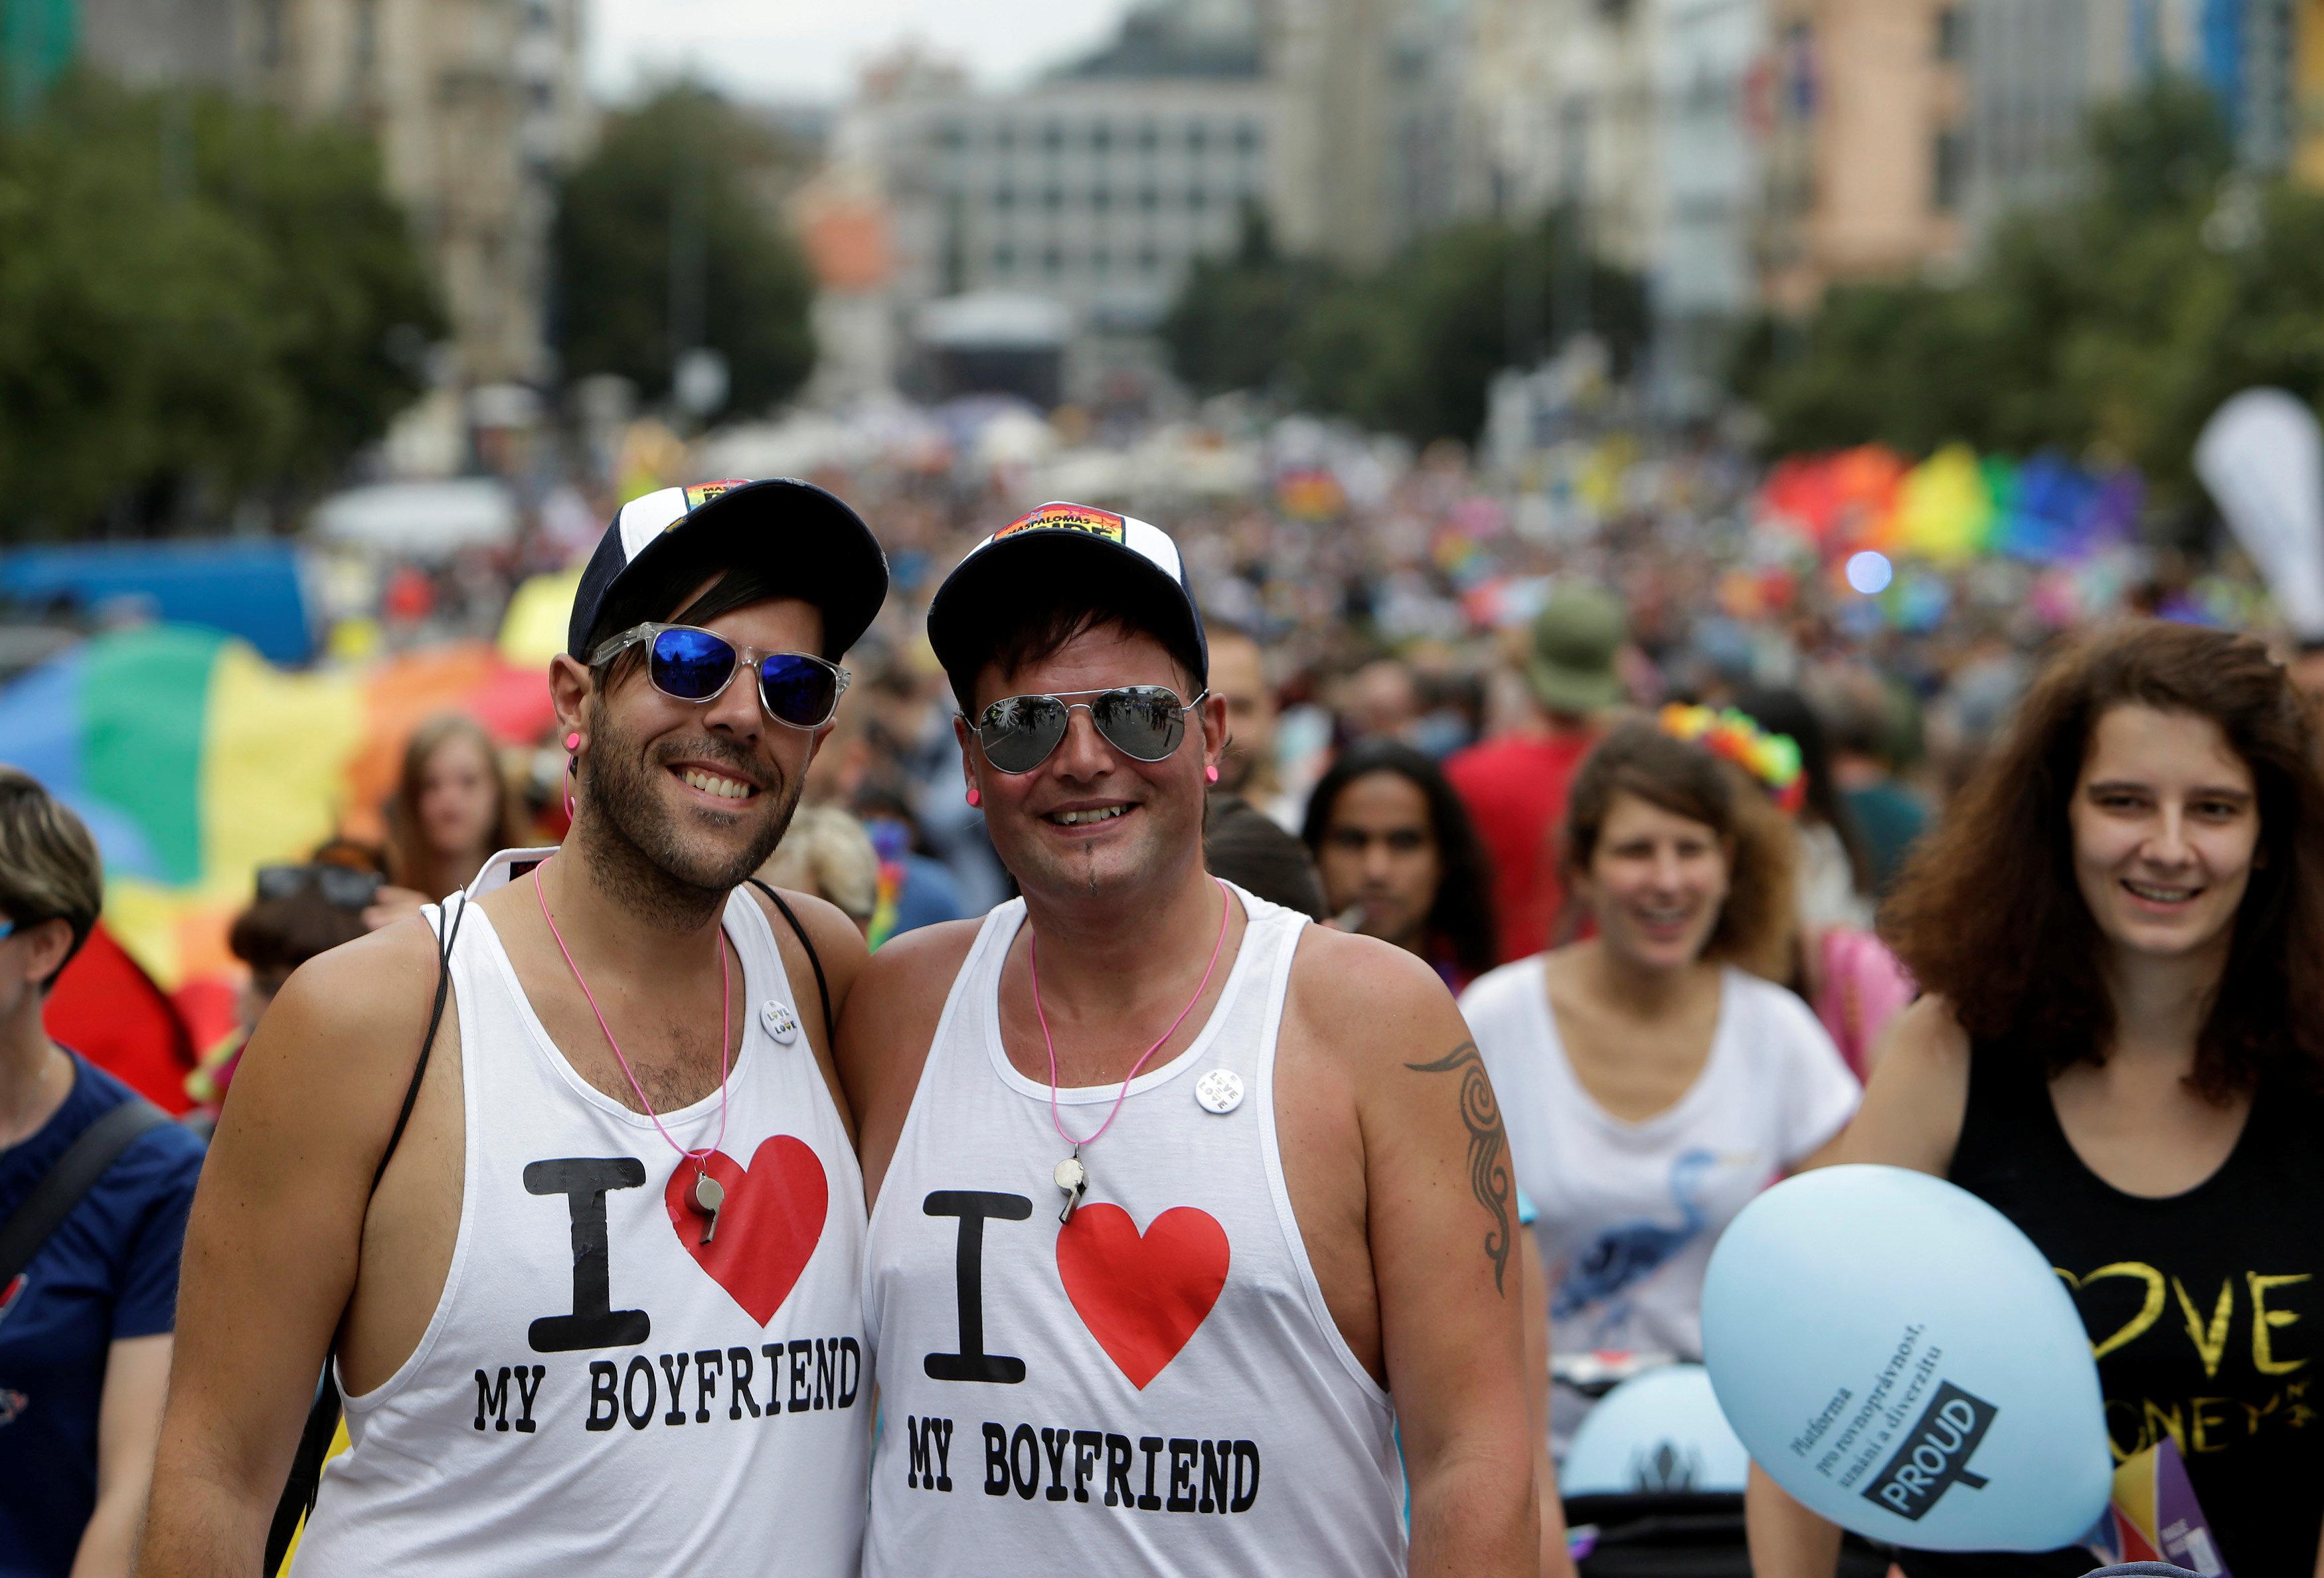 체코가 동성 결혼 법제화에 한 걸음 더